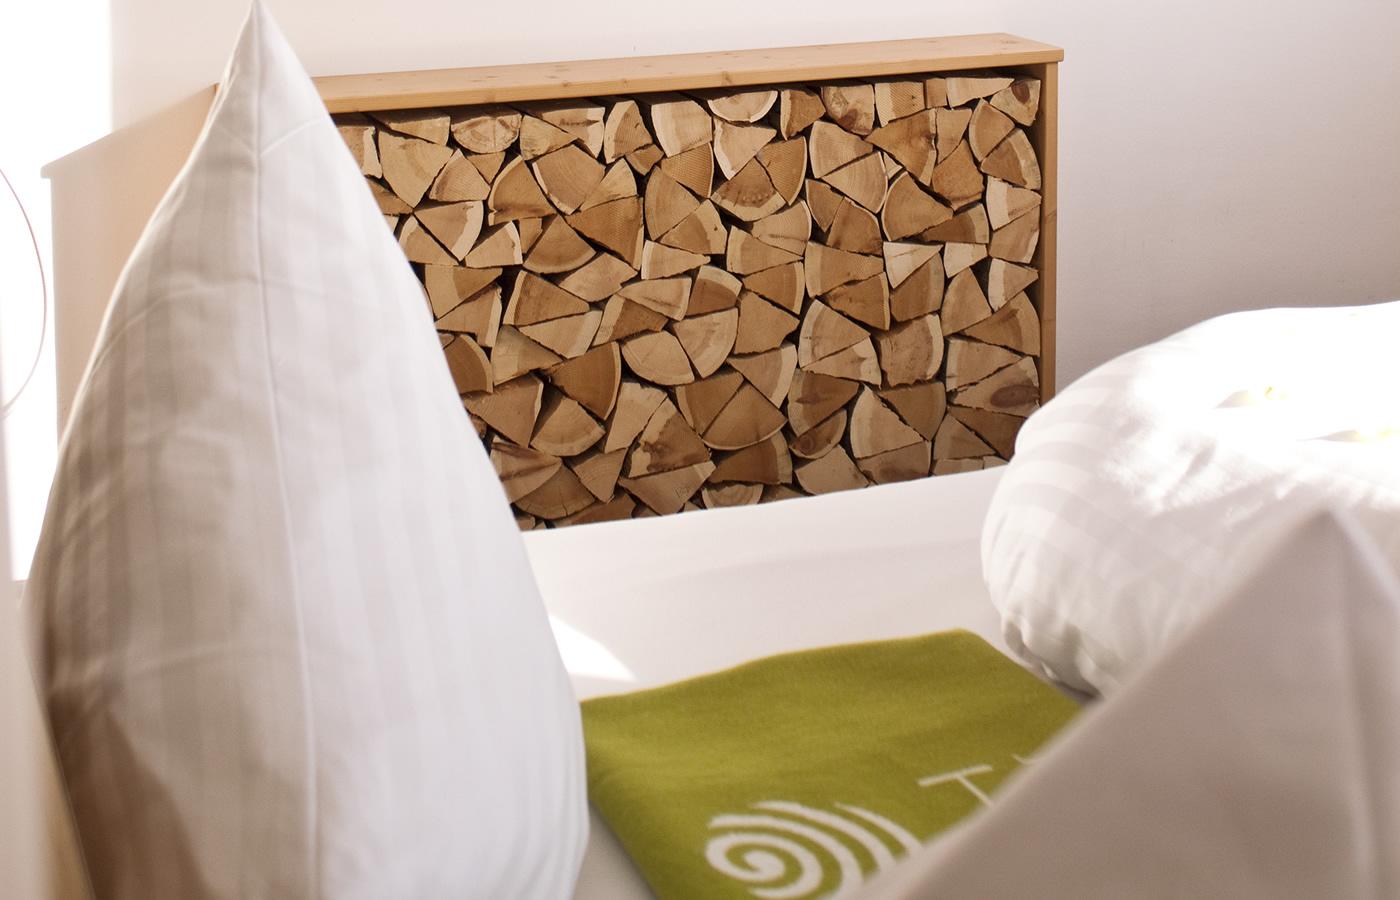 Zirbenholzlegen - Hotel Natürlich Fiss in Tirol.